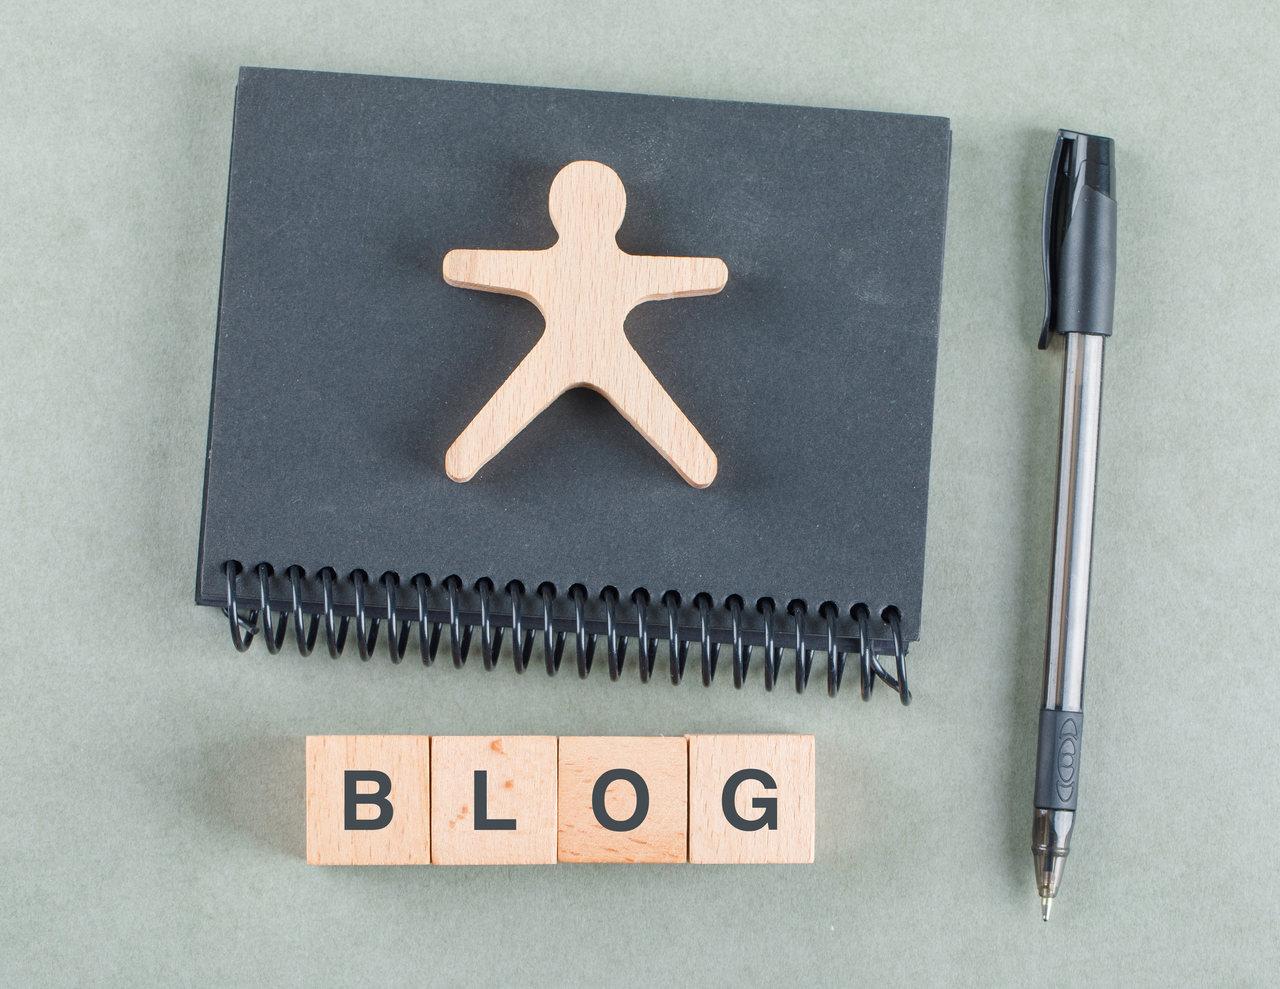 En nuestro blog te contamos las últimas tendencias en teletrabajo